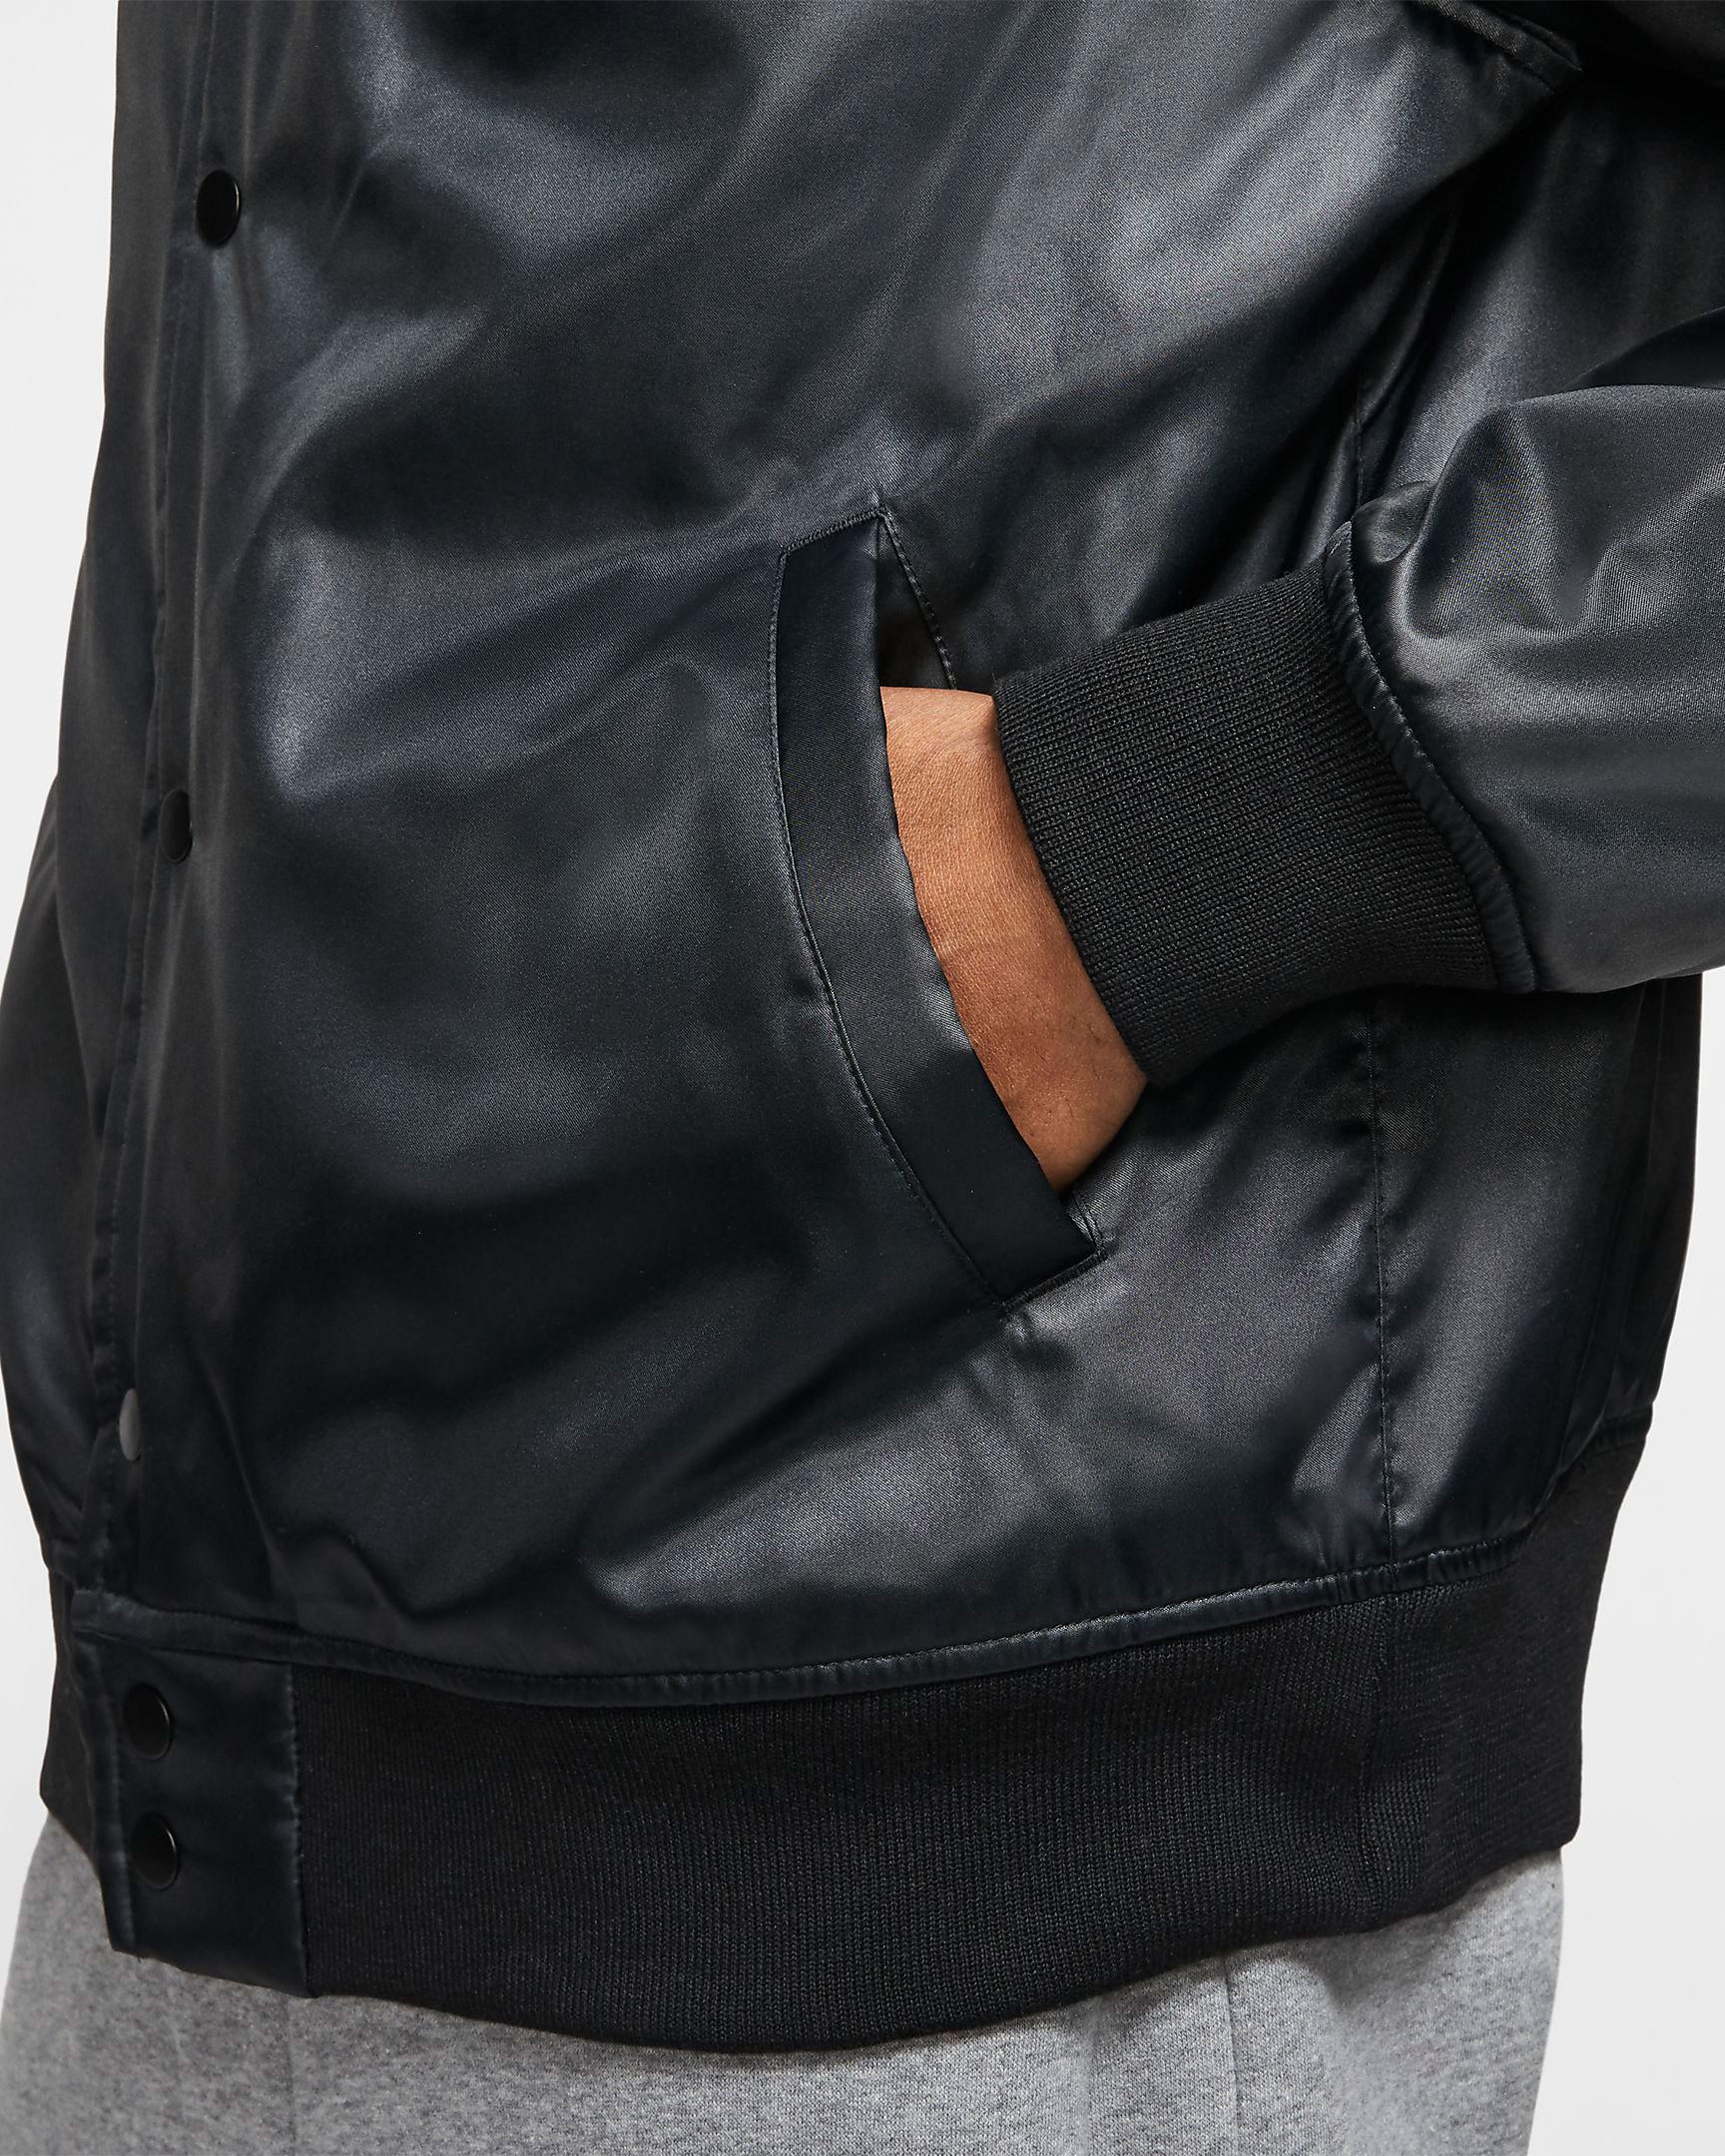 jordan-dna-jacket-5